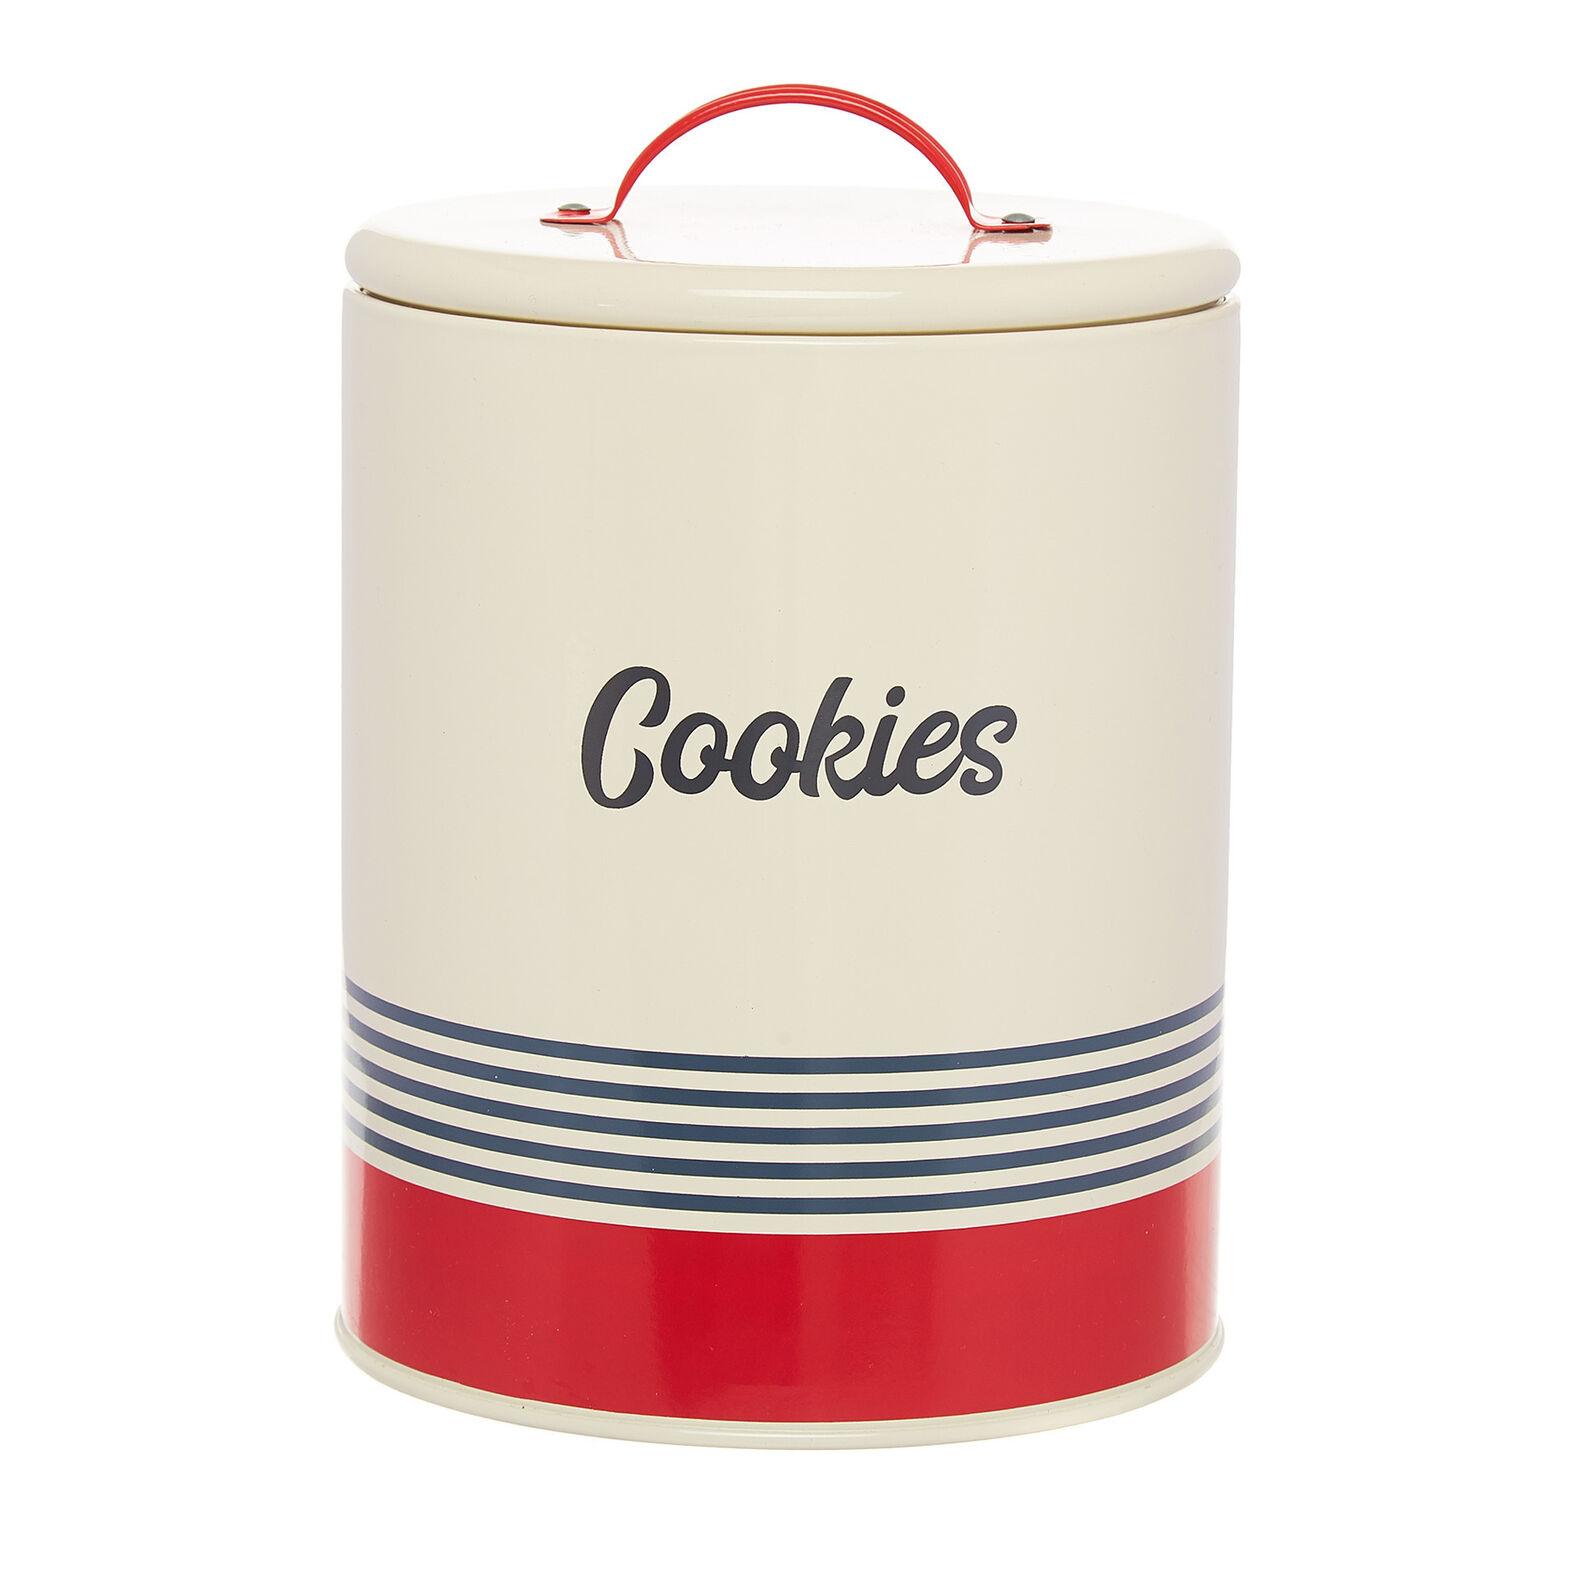 Enamelled iron Cookies tin